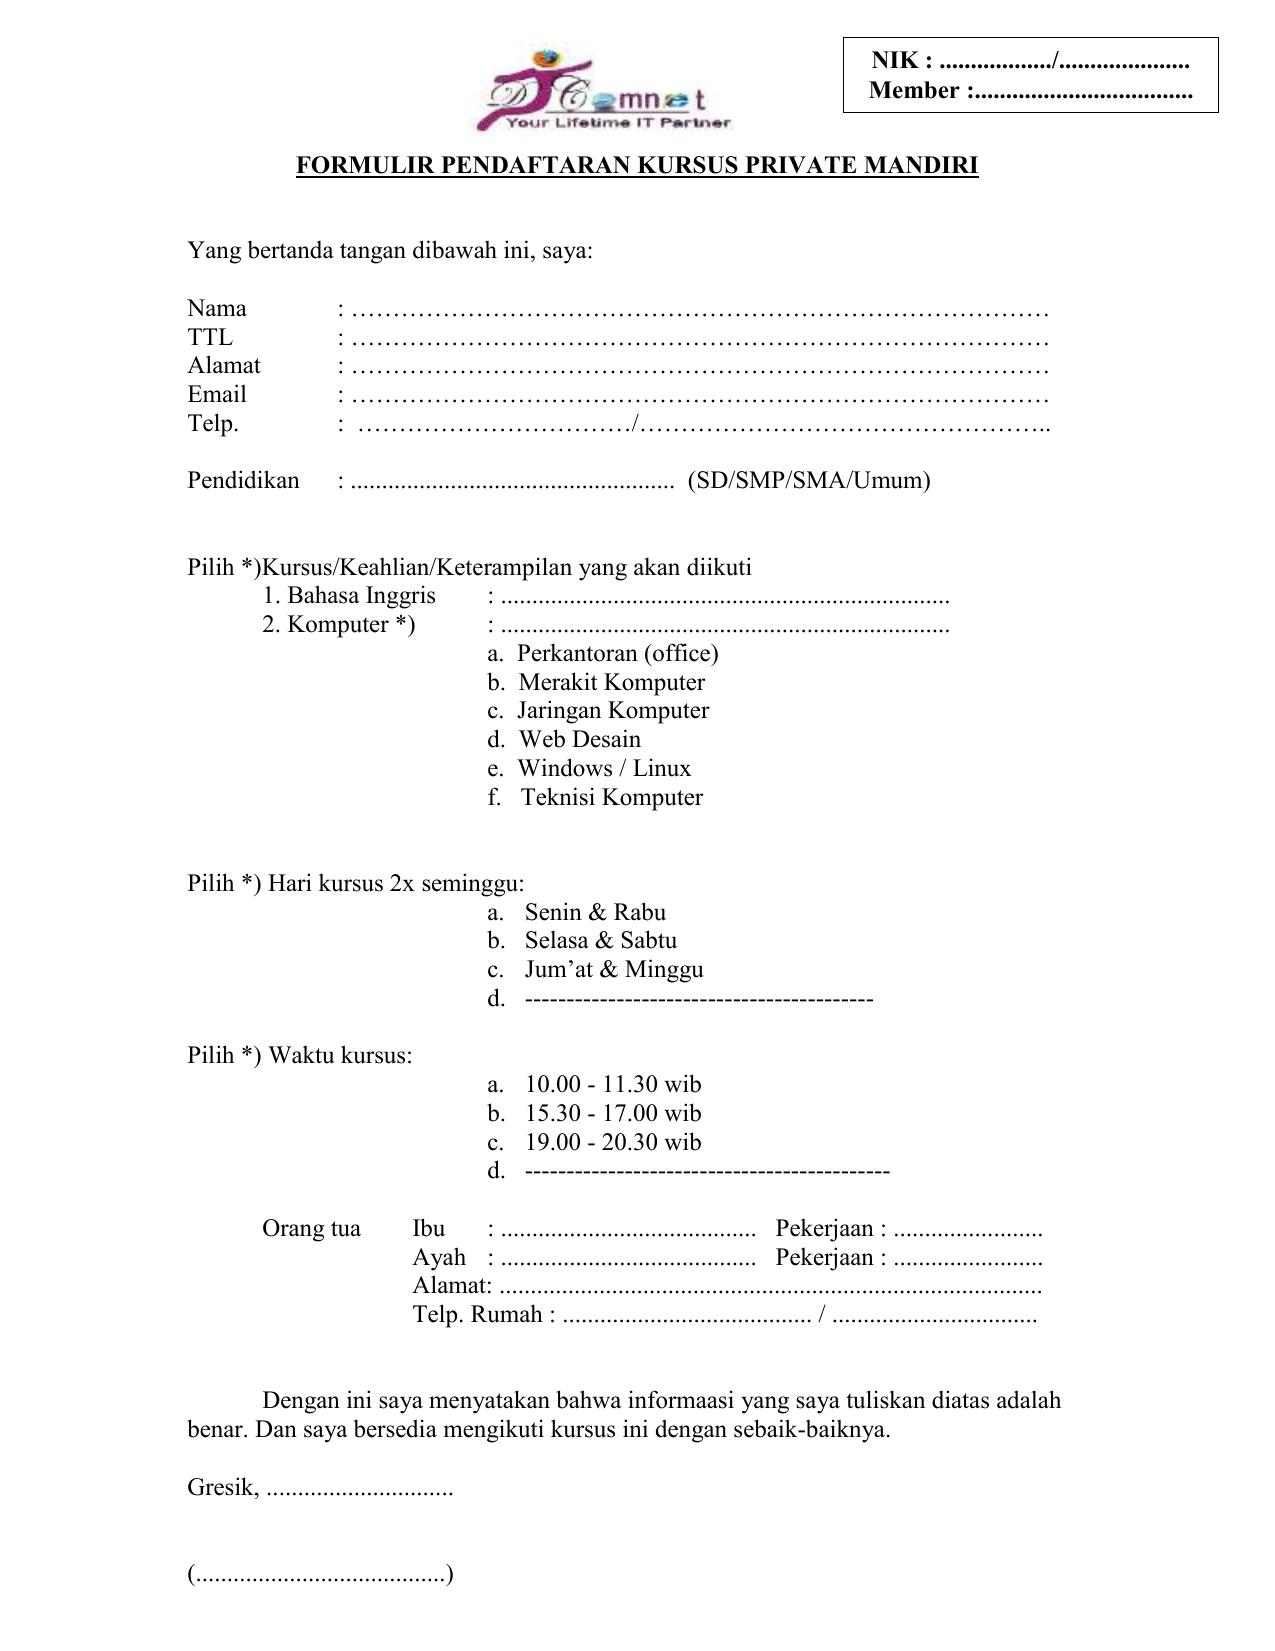 Formulir Pendaftaran Kursus Private Mandiri